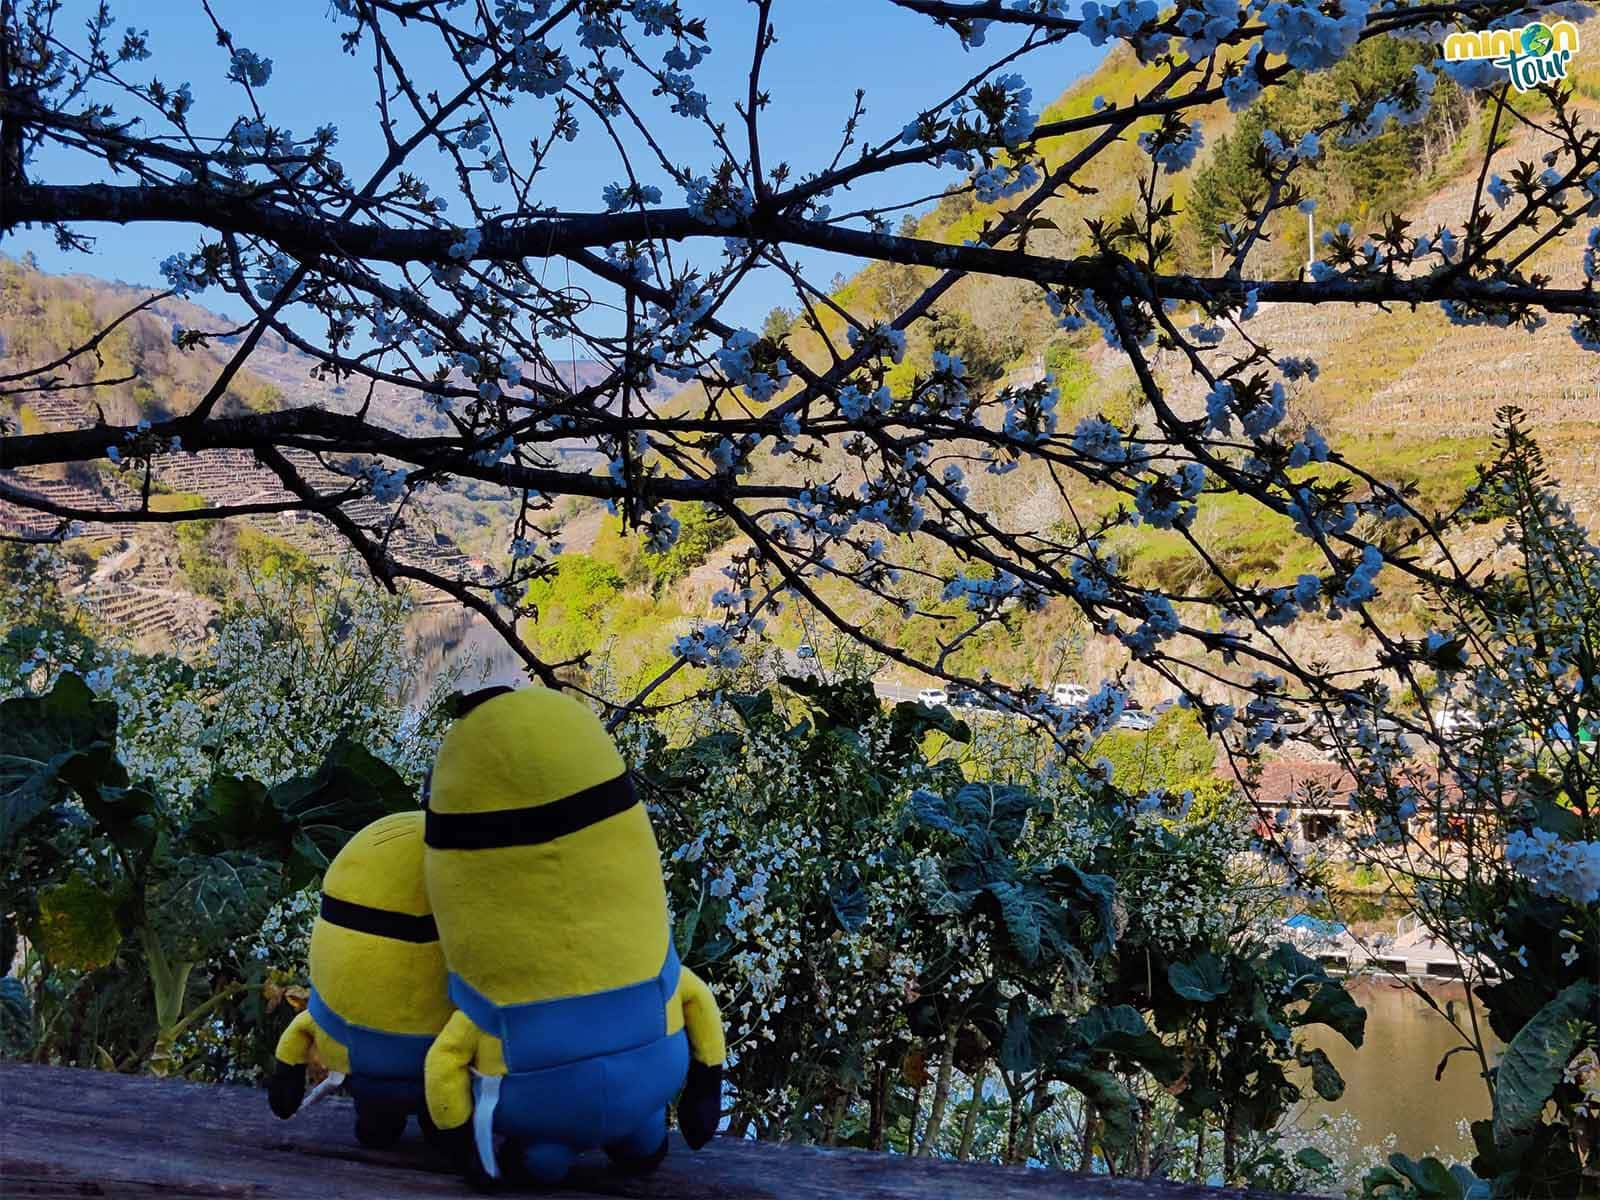 Este sitio también es guay para hacerte una foto con las flores de los cerezos